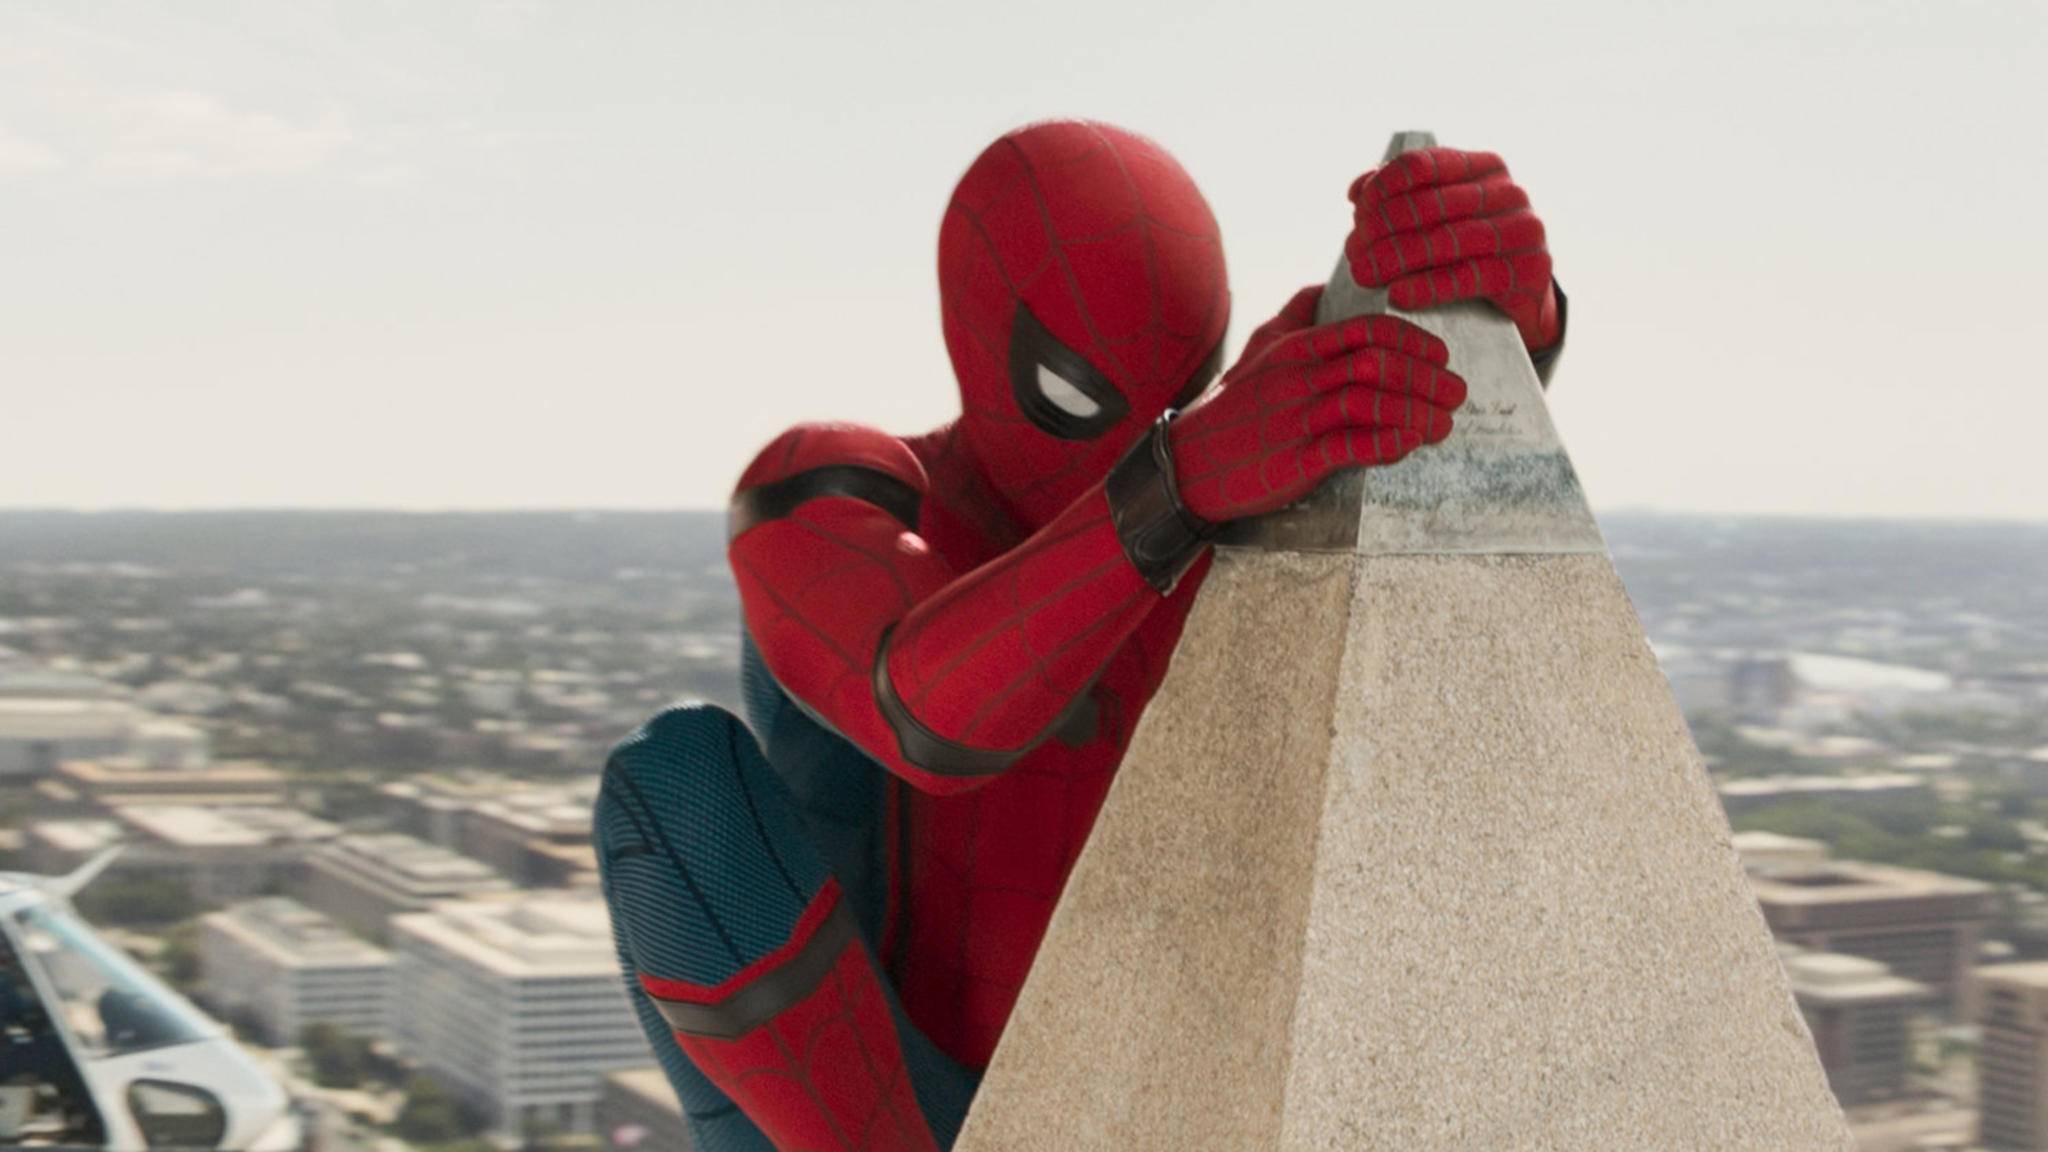 Spider-Man erklimmt mit seinem neuen Trailer einen Rekord.